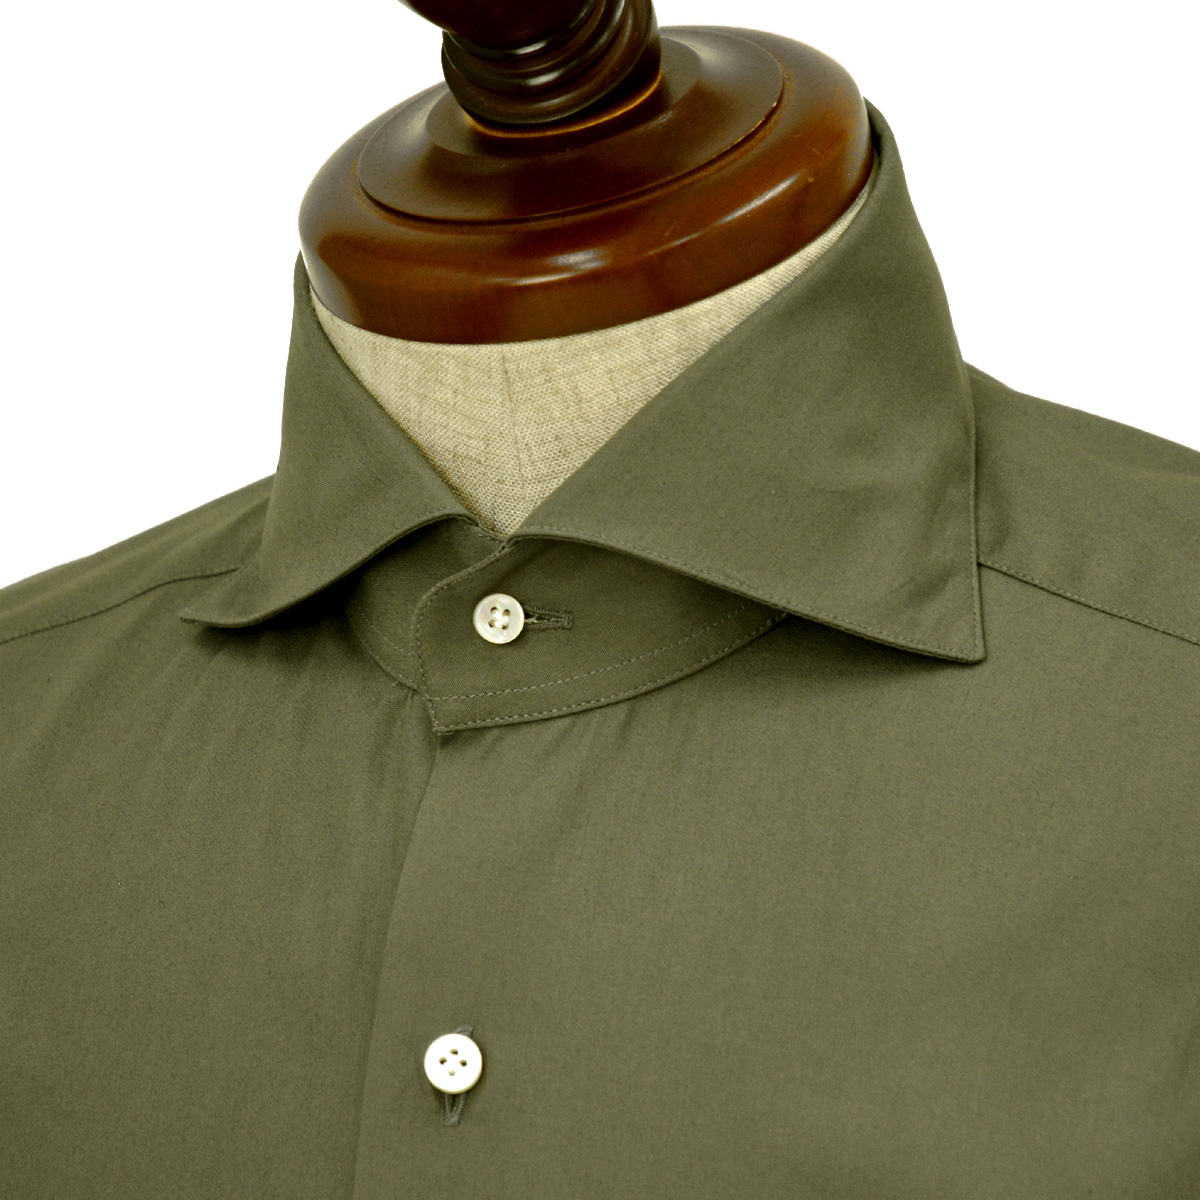 d112a78e33ec1 BARBA バルバ ドレスシャツ BRUNO I1U262U06278U フラシ コットン ブロード オリーブ